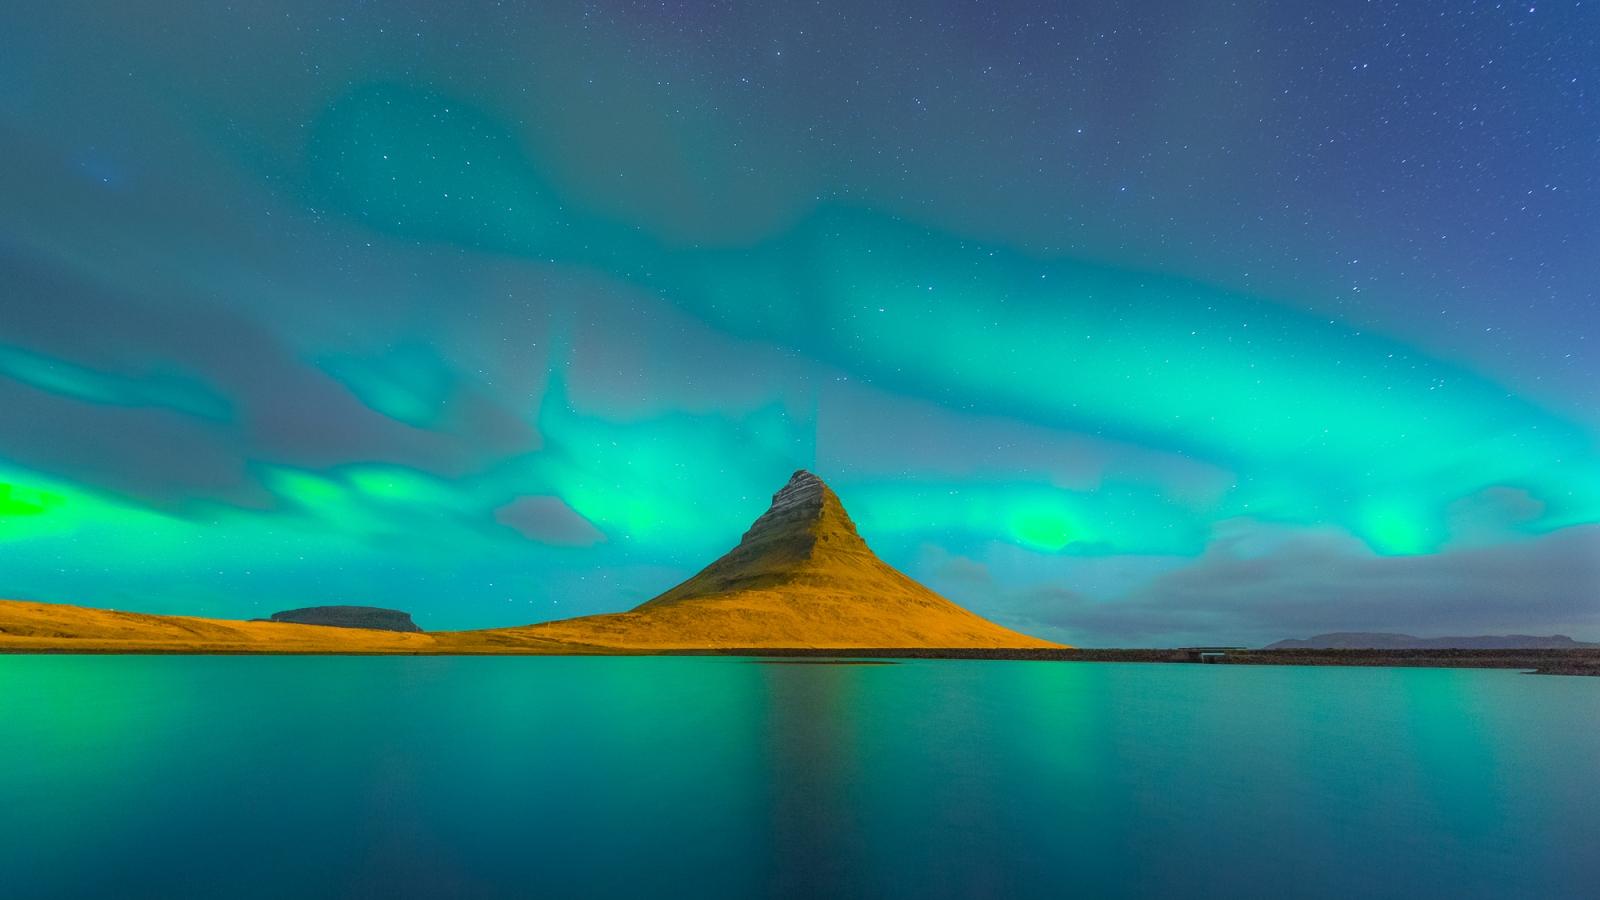 Un cielo espectacular - 1600x900